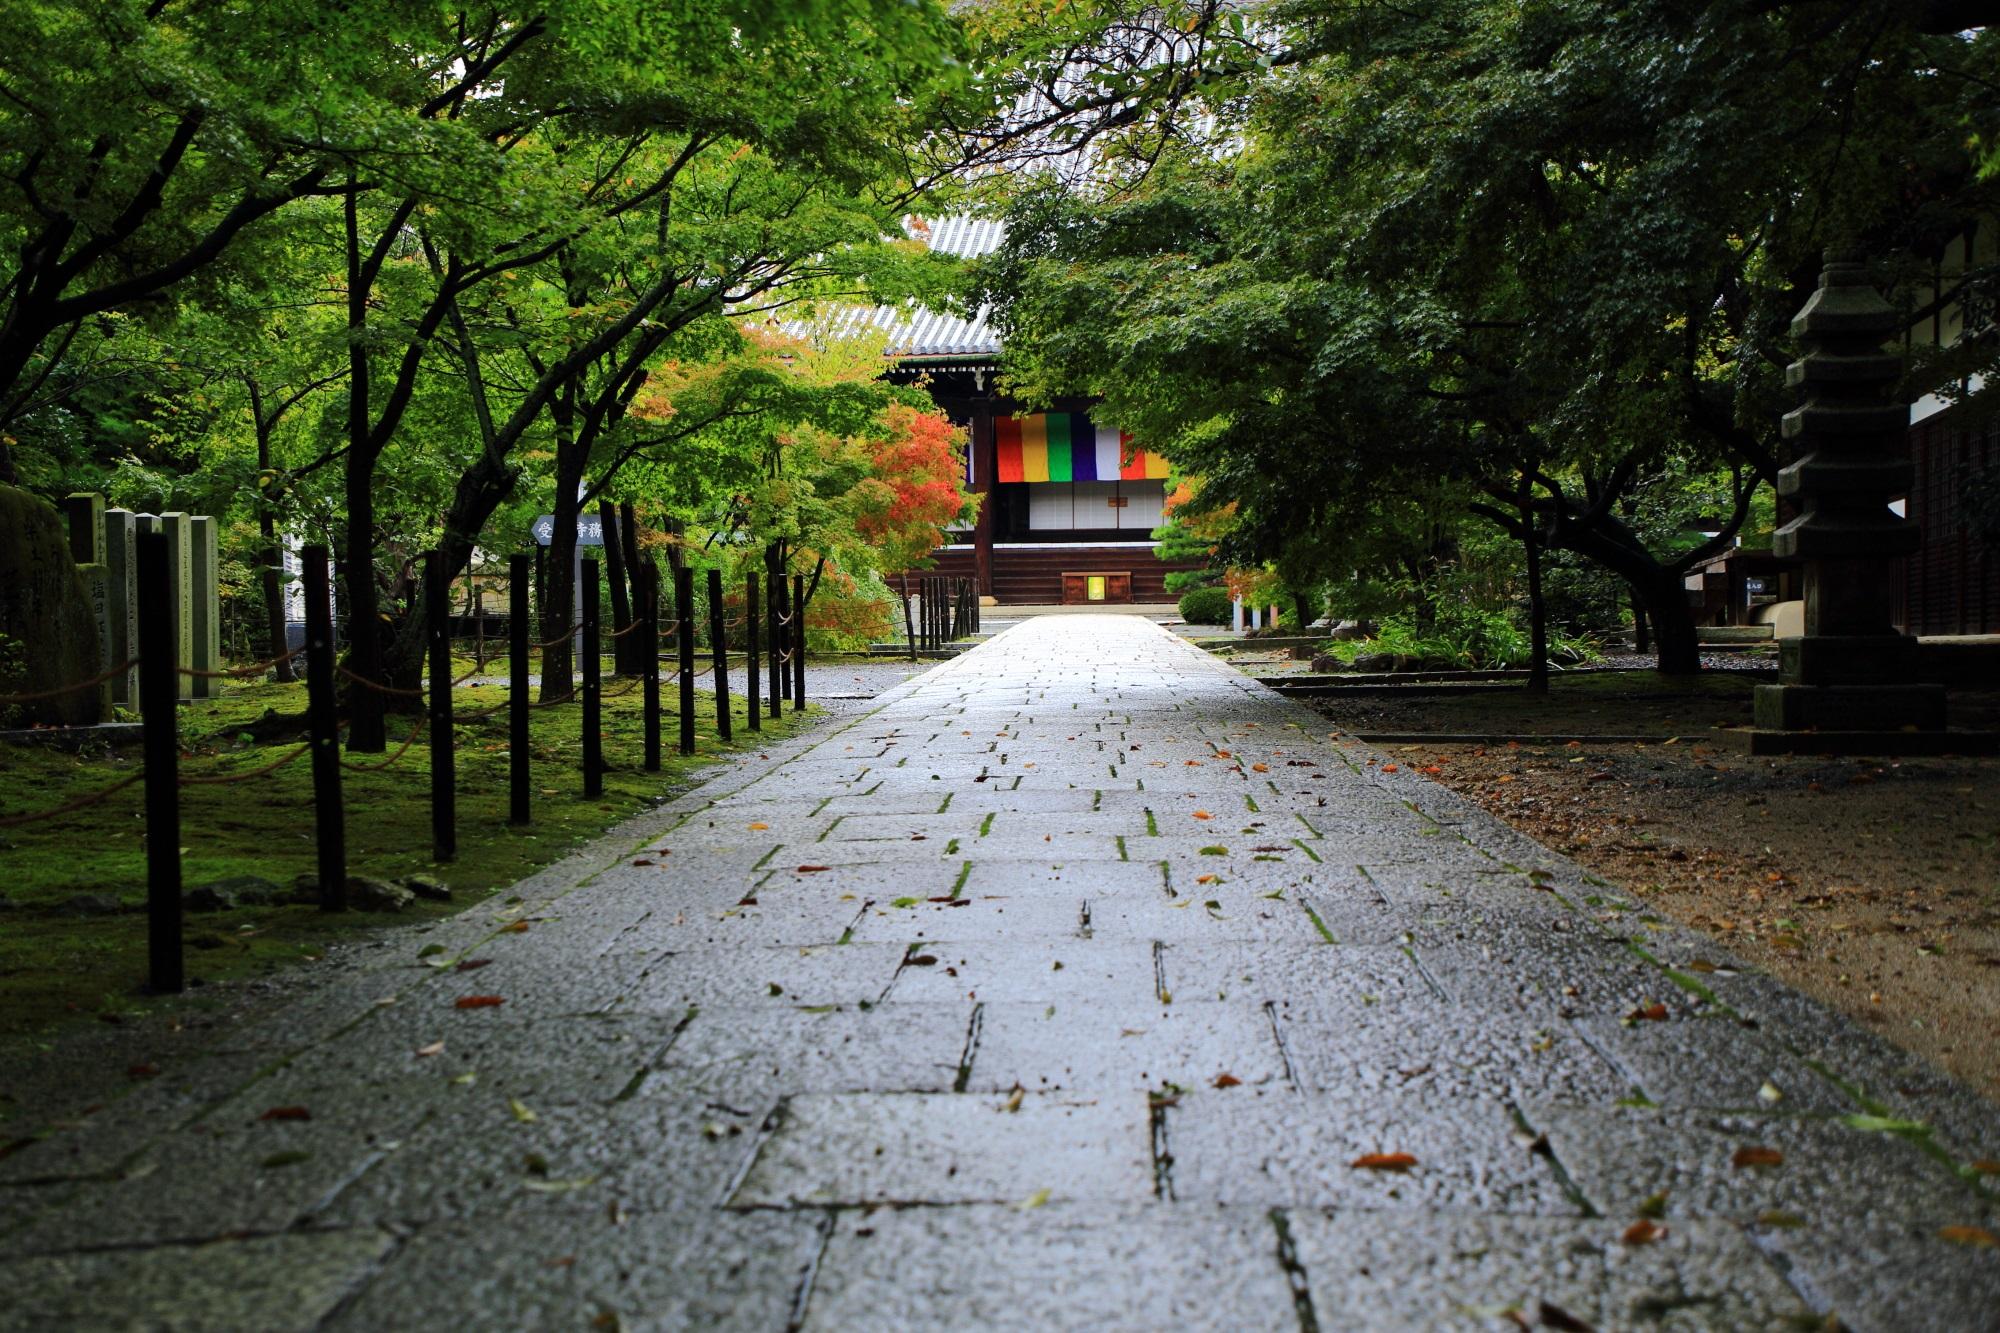 光明寺の本堂前の雨に濡れた参道